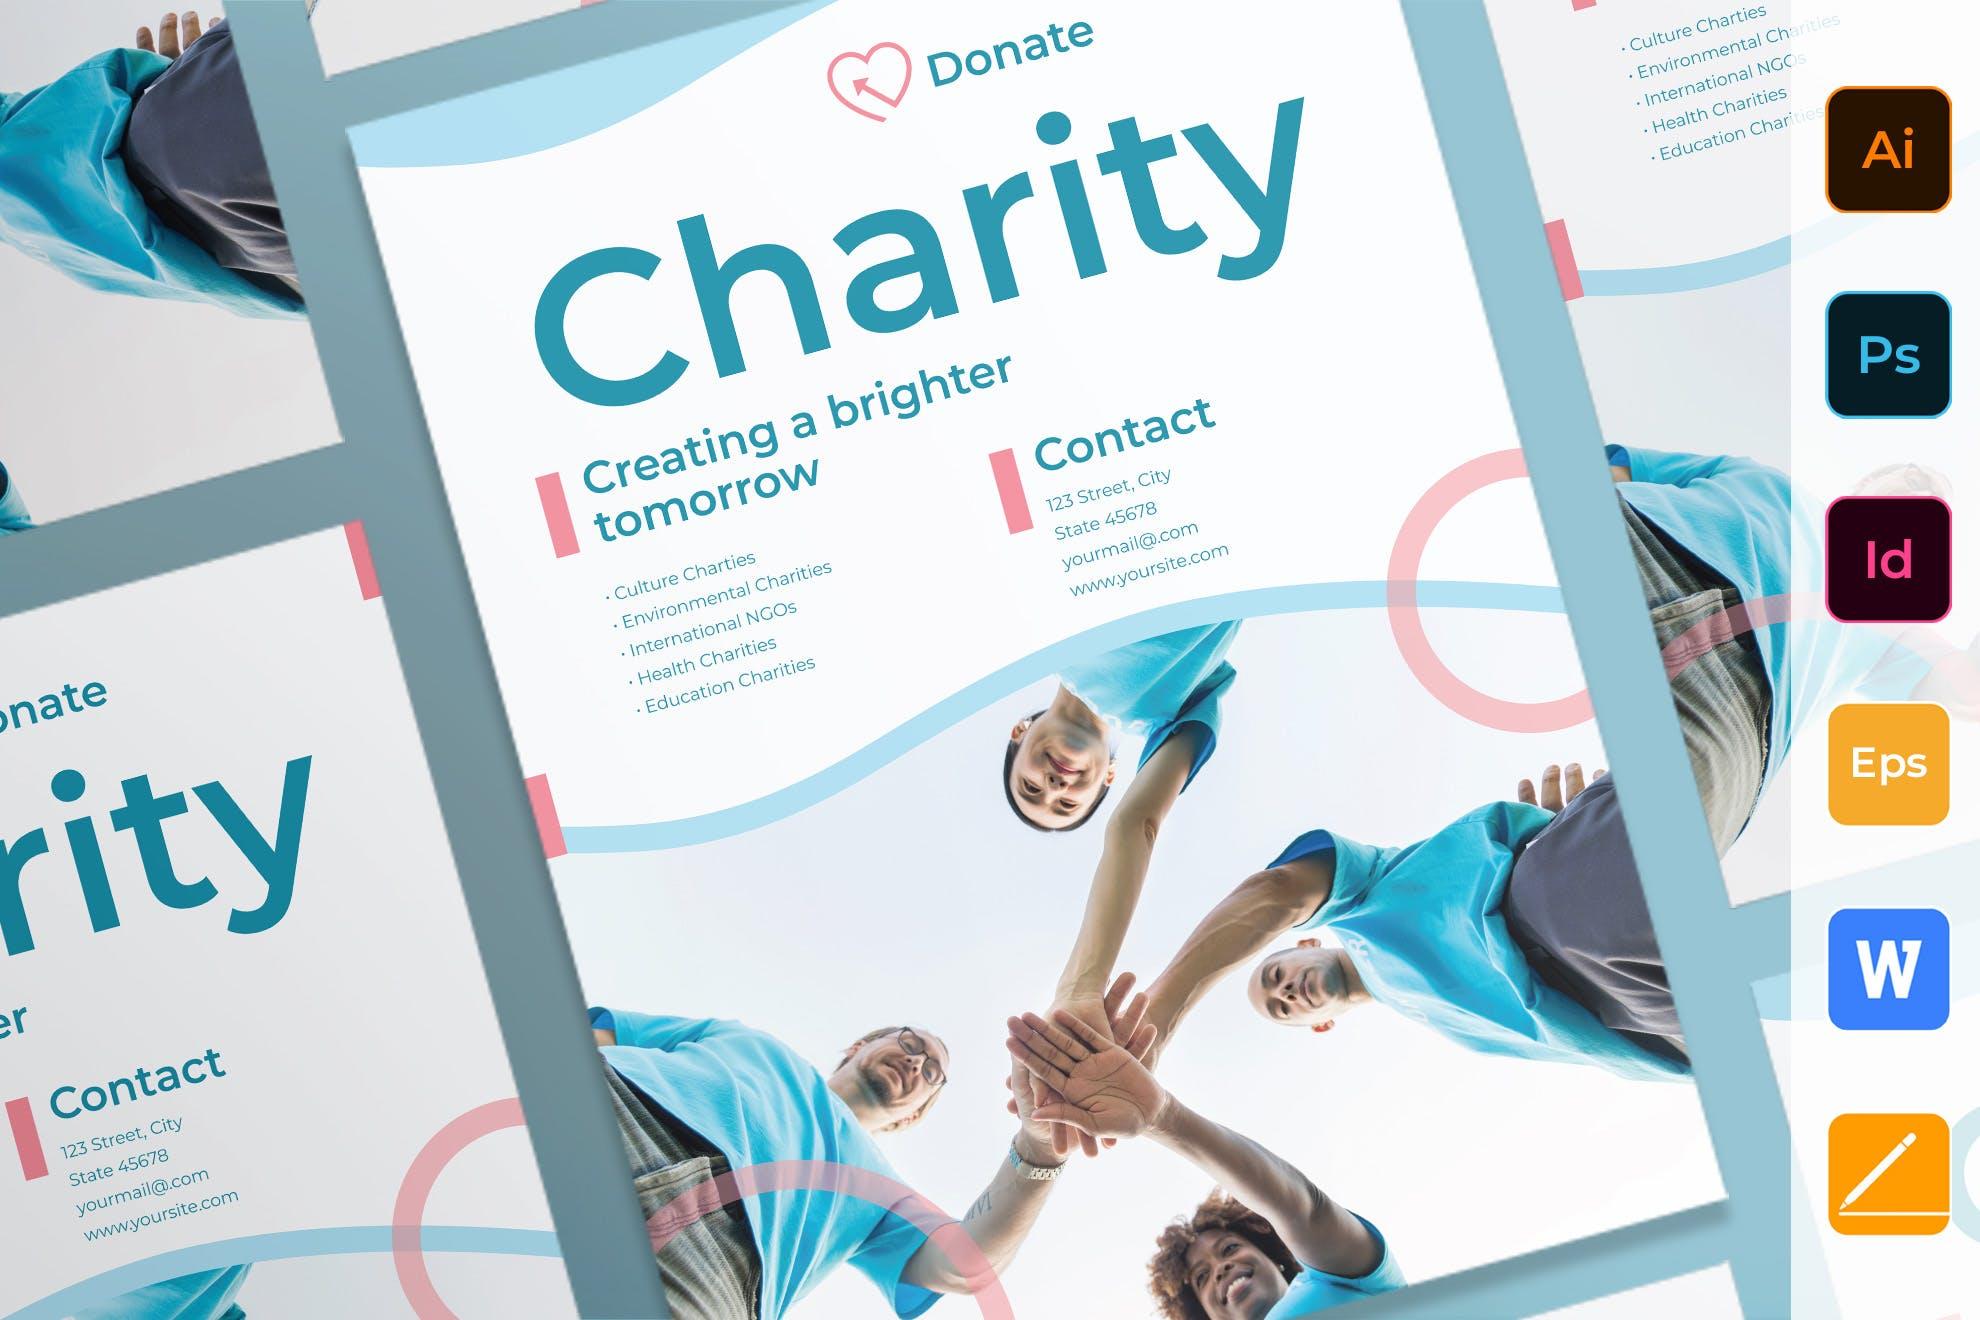 慈善公益海报/素材模板展示Charity Poster插图